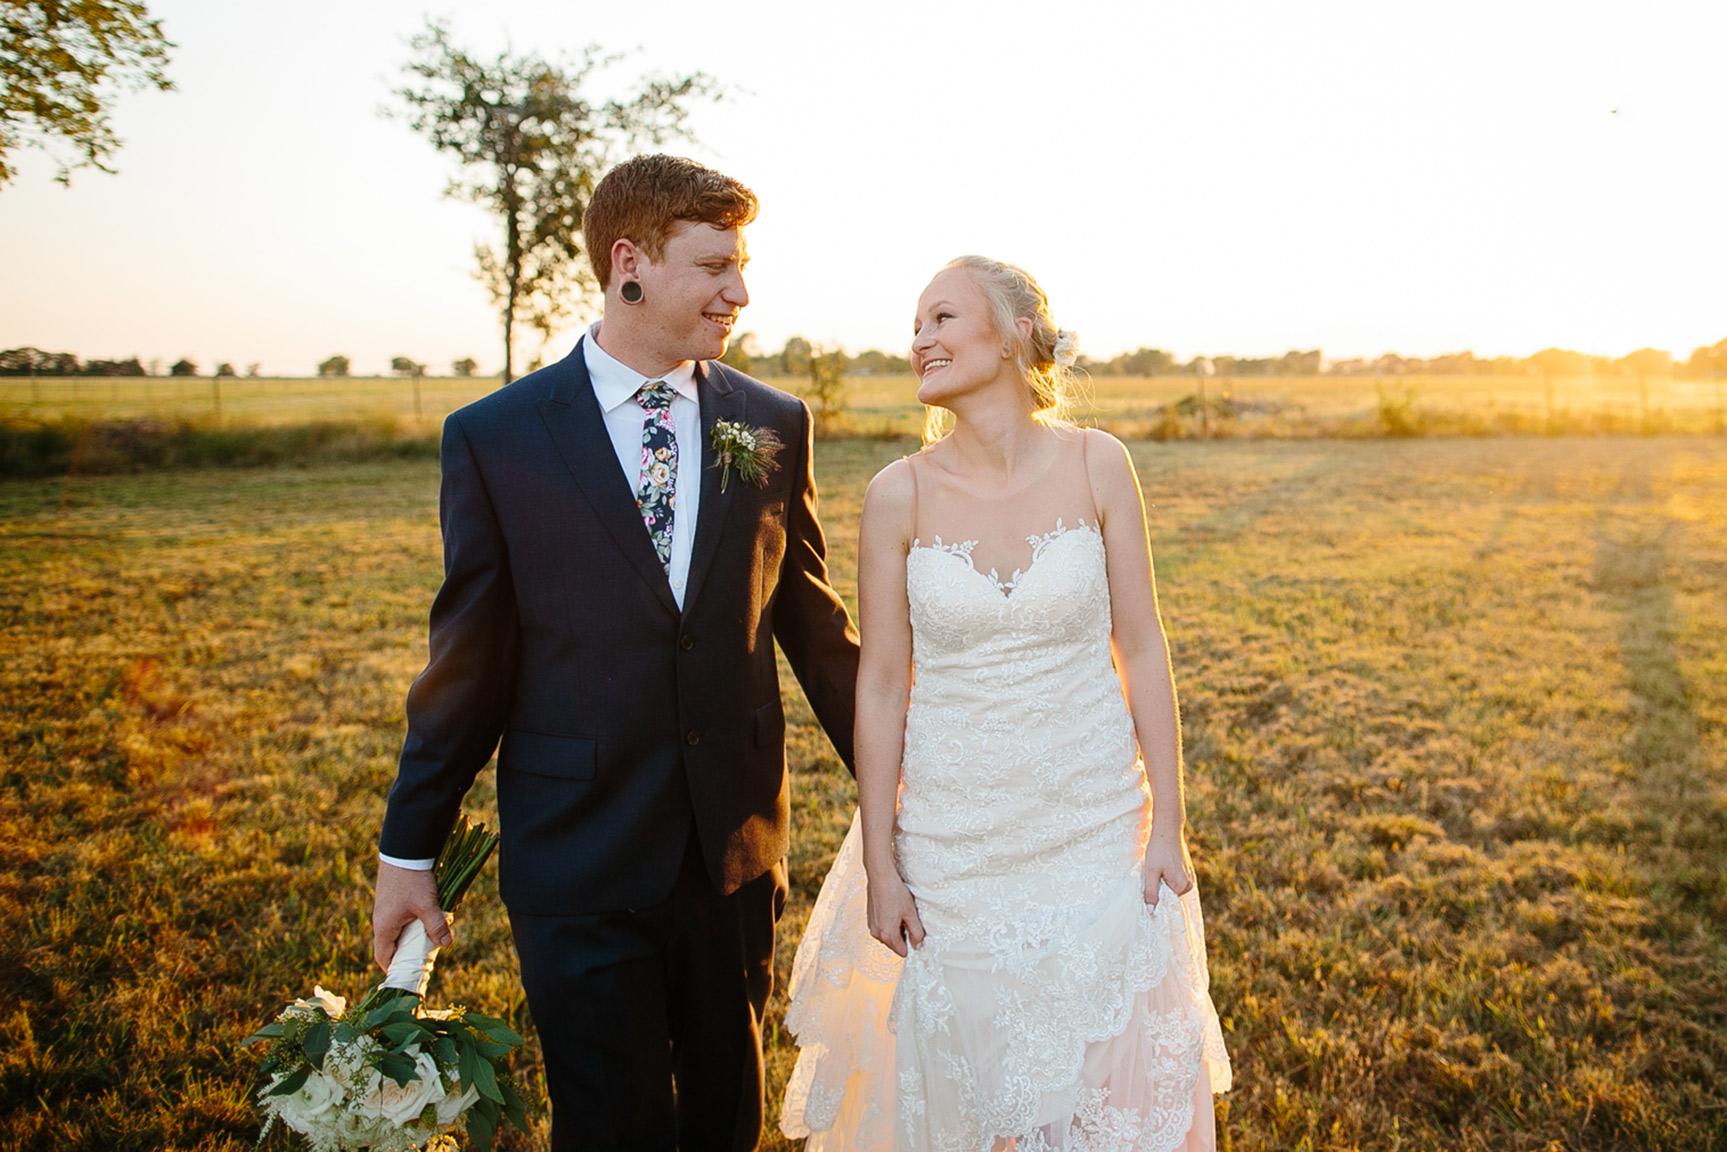 austin_WeddingPhotographer_015.jpg